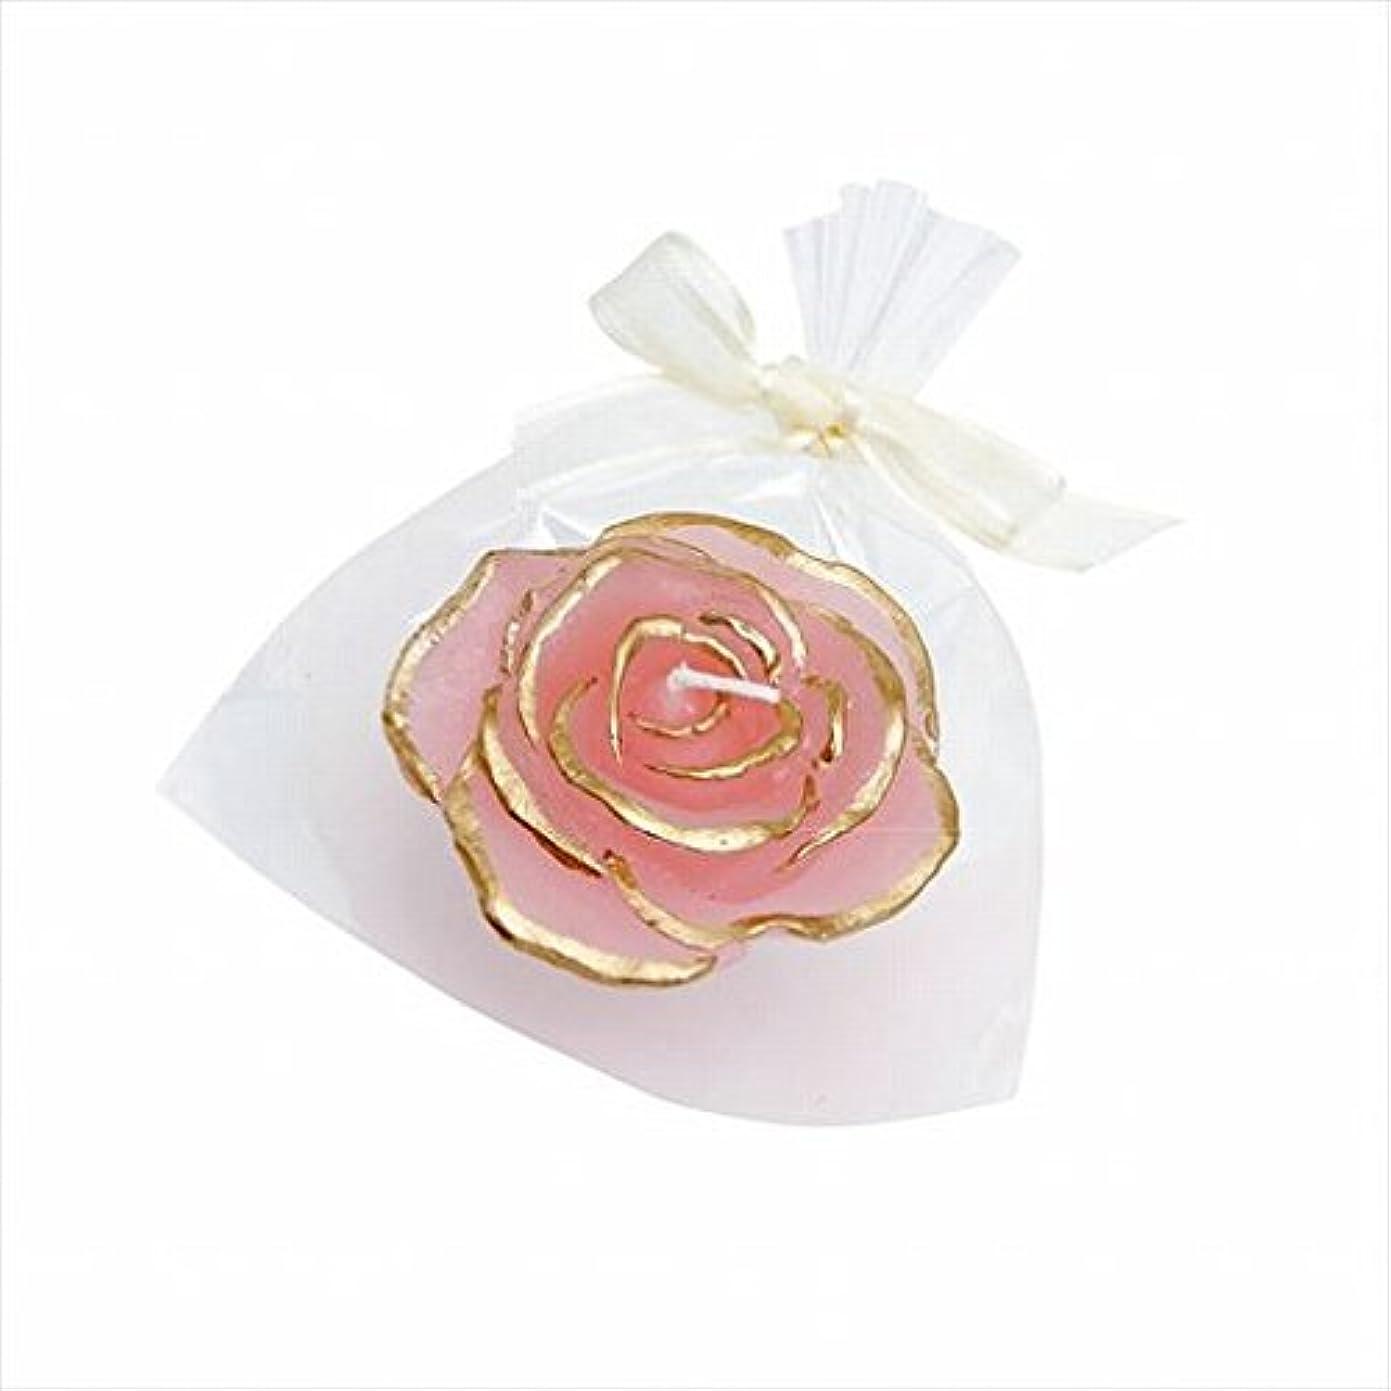 容量グリップショルダーカメヤマキャンドル(kameyama candle) プリンセスローズ 「 ピンク 」